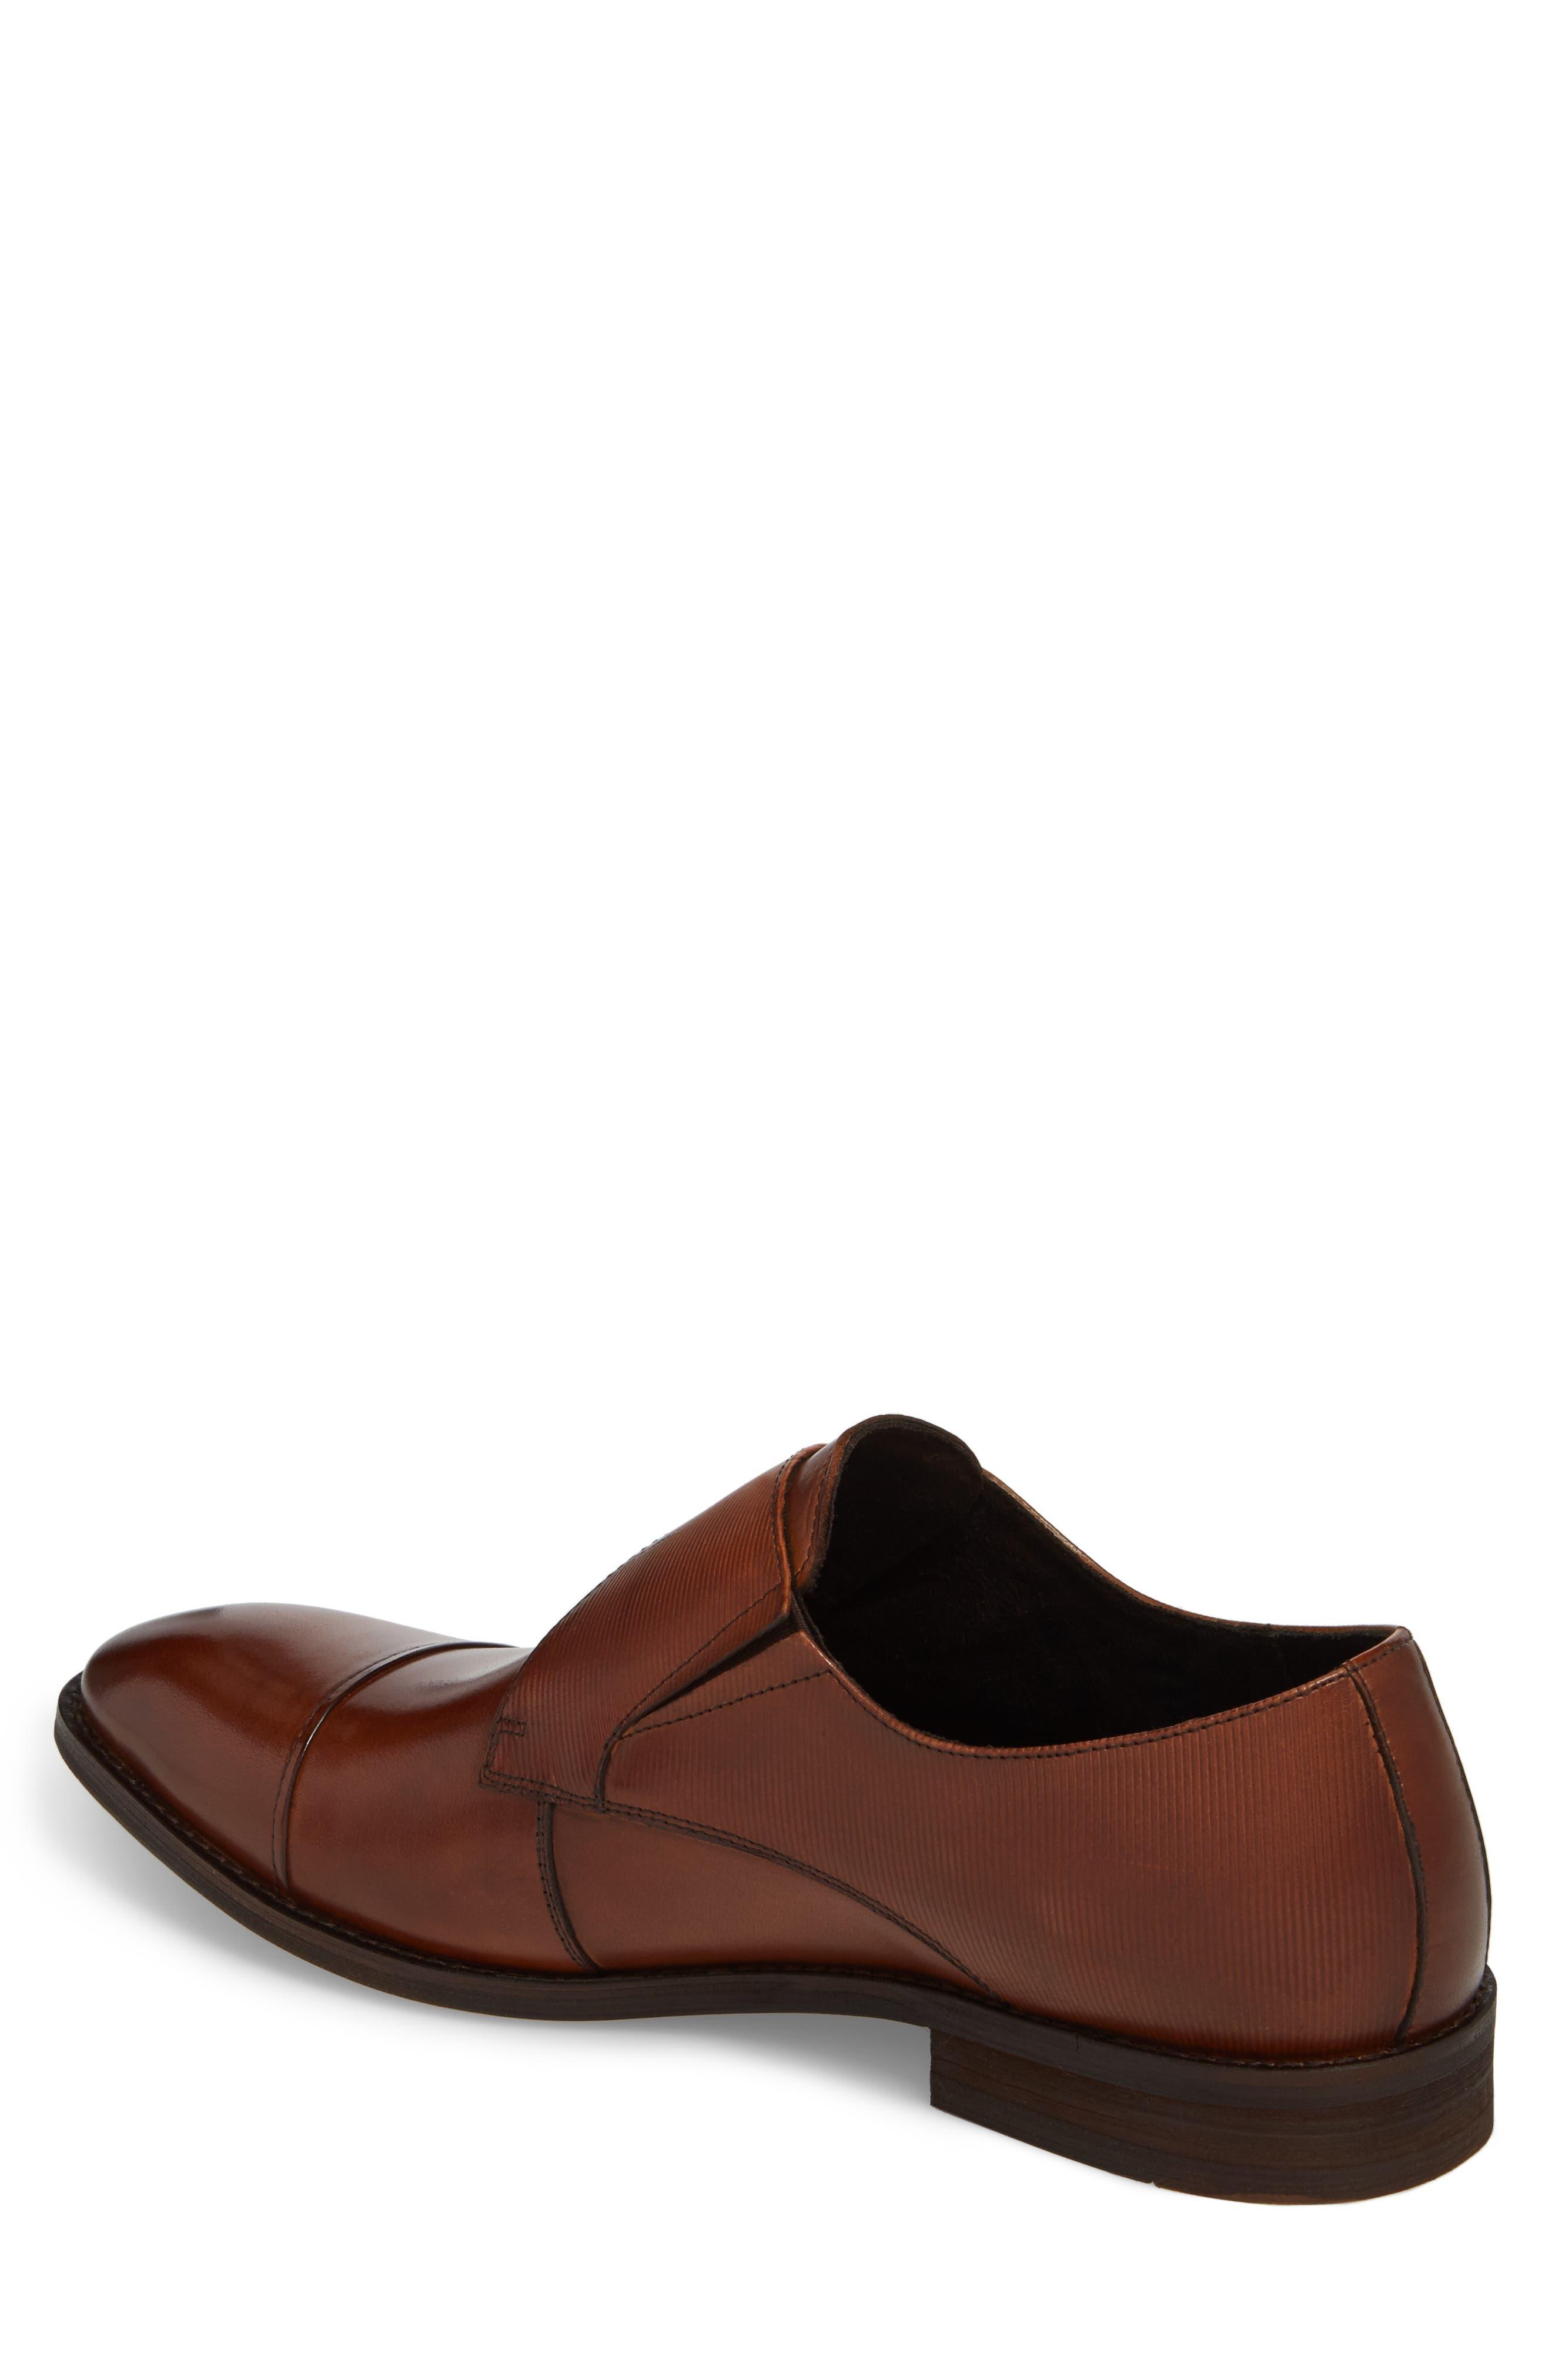 Courage Monk Strap Shoe,                             Alternate thumbnail 2, color,                             Cognac Leather